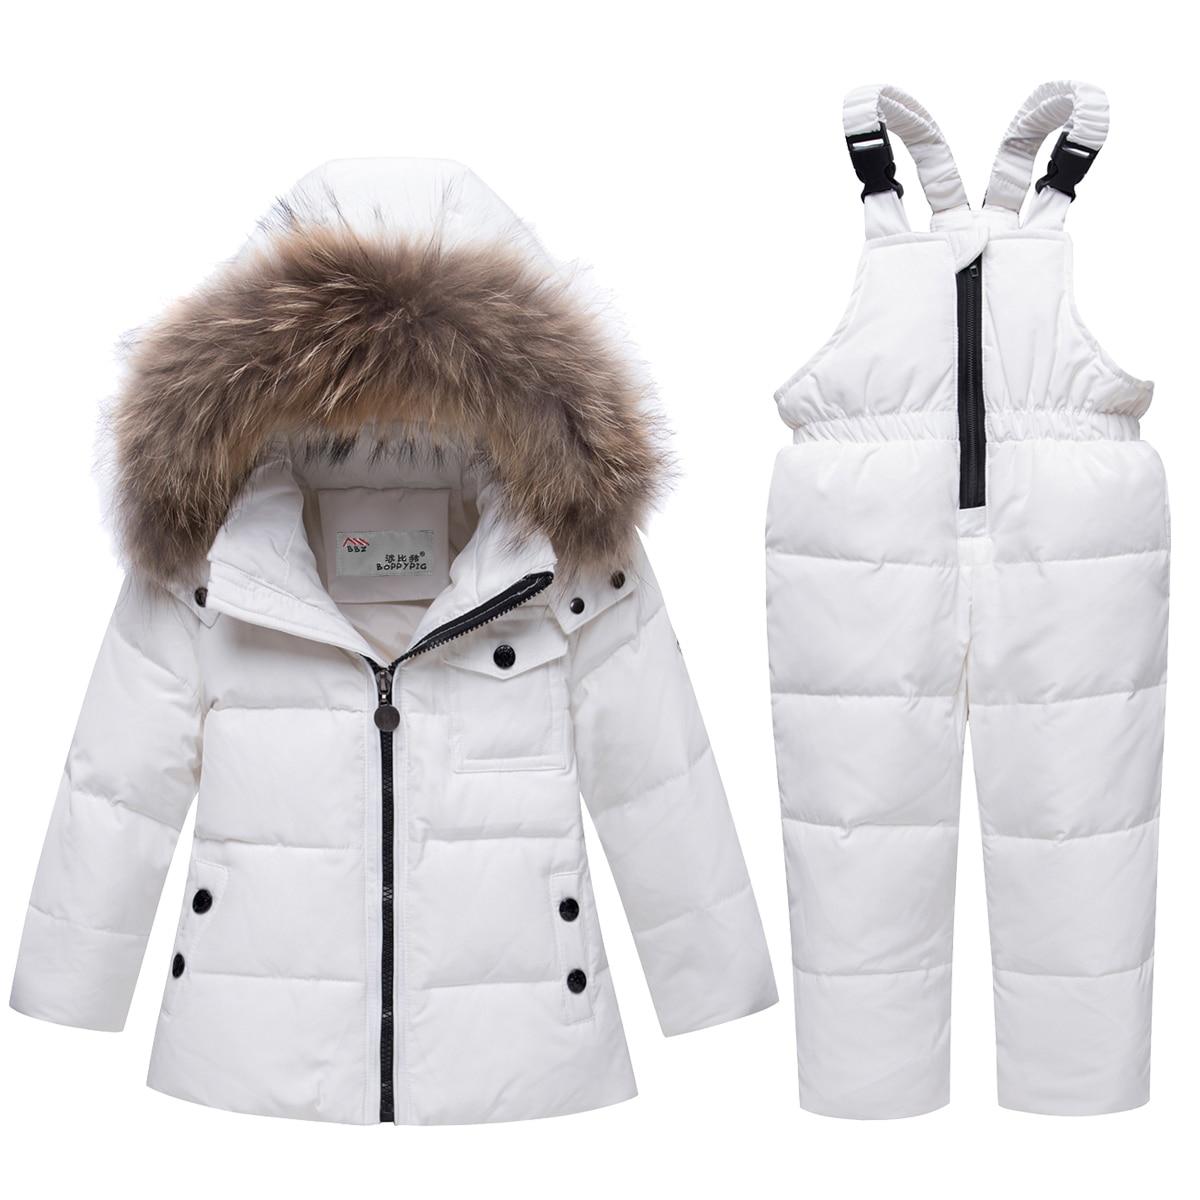 Enfant bébé hiver Ski costume combinaison fille garçon vêtements ensemble 100% duvet à capuche fourrure veste enfant en bas âge-30 degrés salopette vêtements 2-5 Y